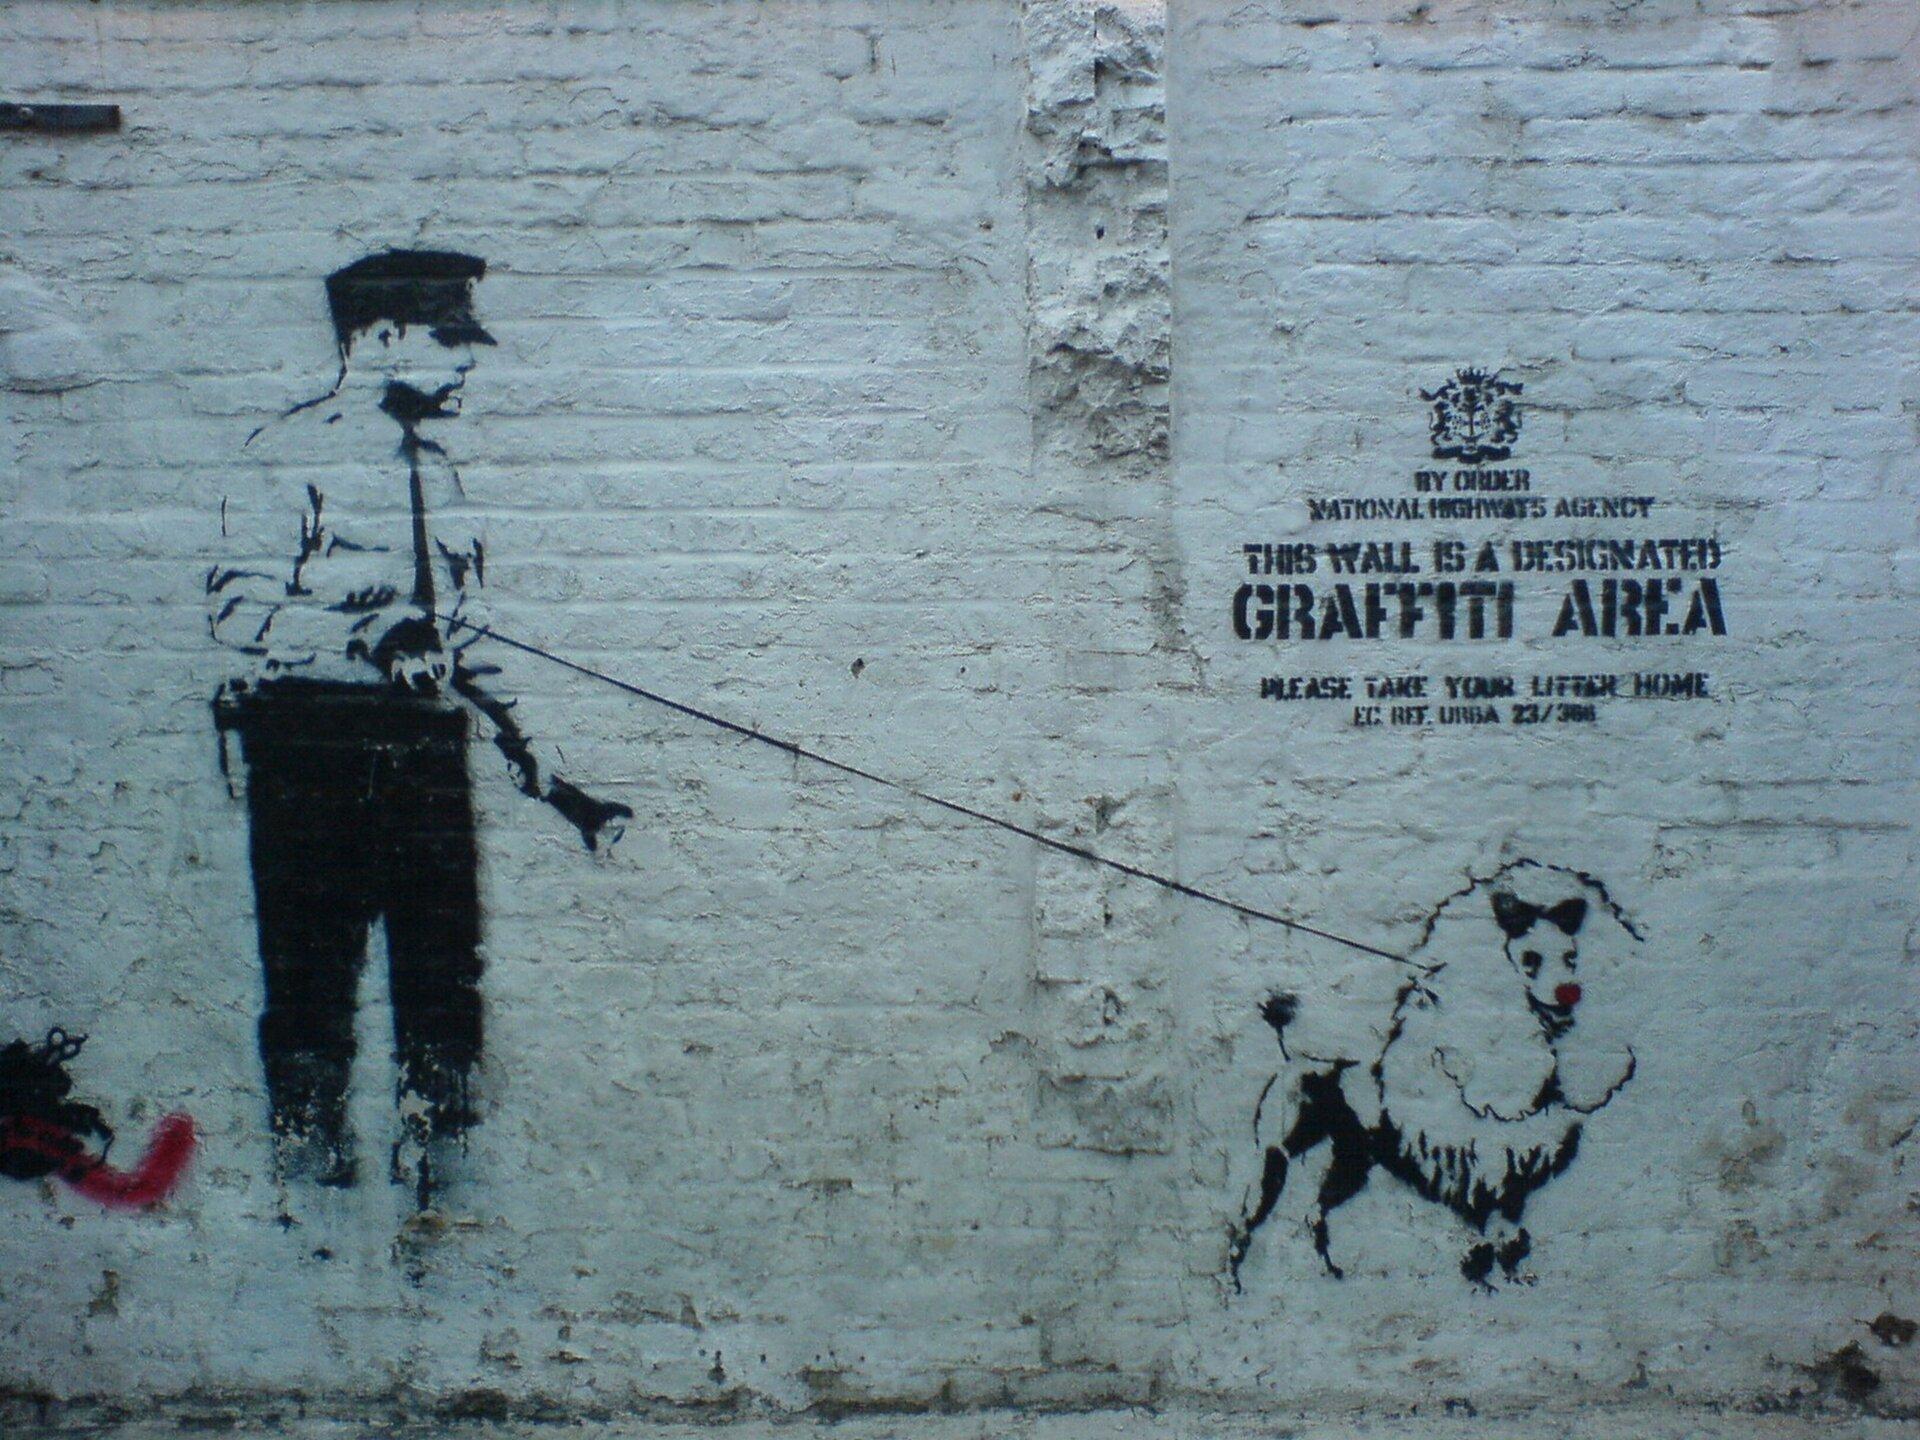 Ilustracja przedstawia czarno-biały street art Banksy'ego wykonany techniką szablonu. Ukazuje Pies zfutrem wokół szyi stoi nieruchomo, ma czerwony nos. Po prawej stronie grafiki ukazany jest napis: GRAFFITI AREA.